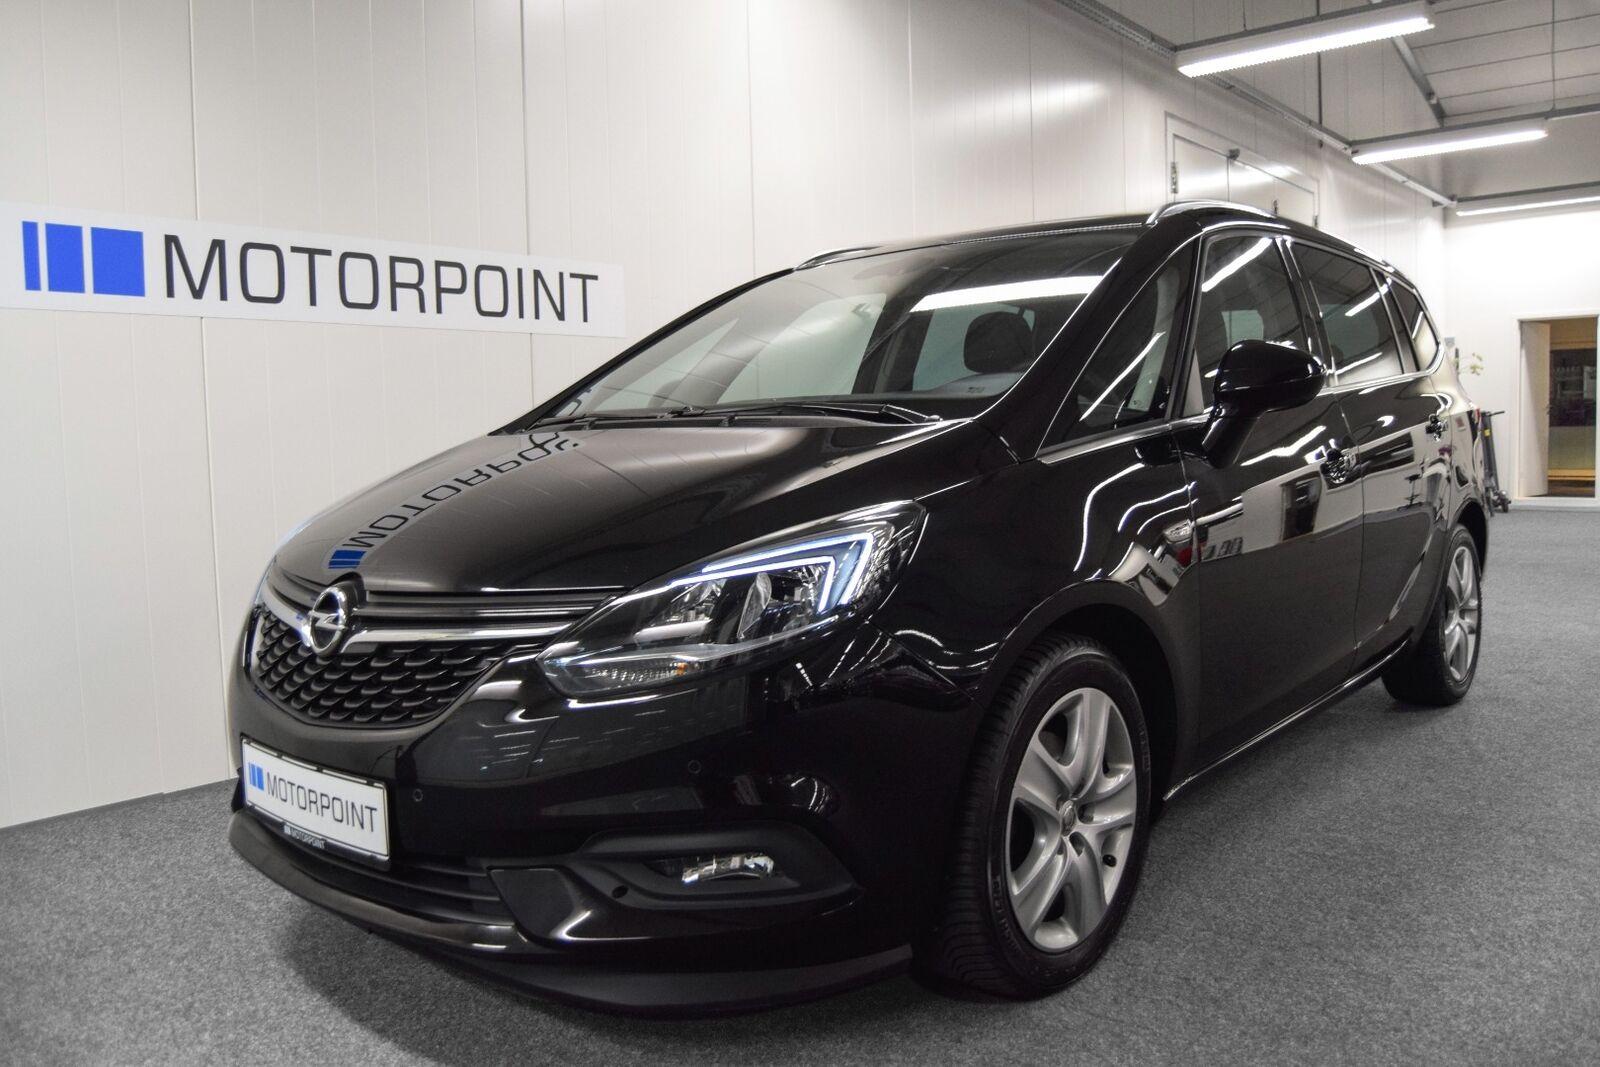 Opel Zafira Tourer 1,4 T 140 Enjoy aut. 5d - 279.900 kr.